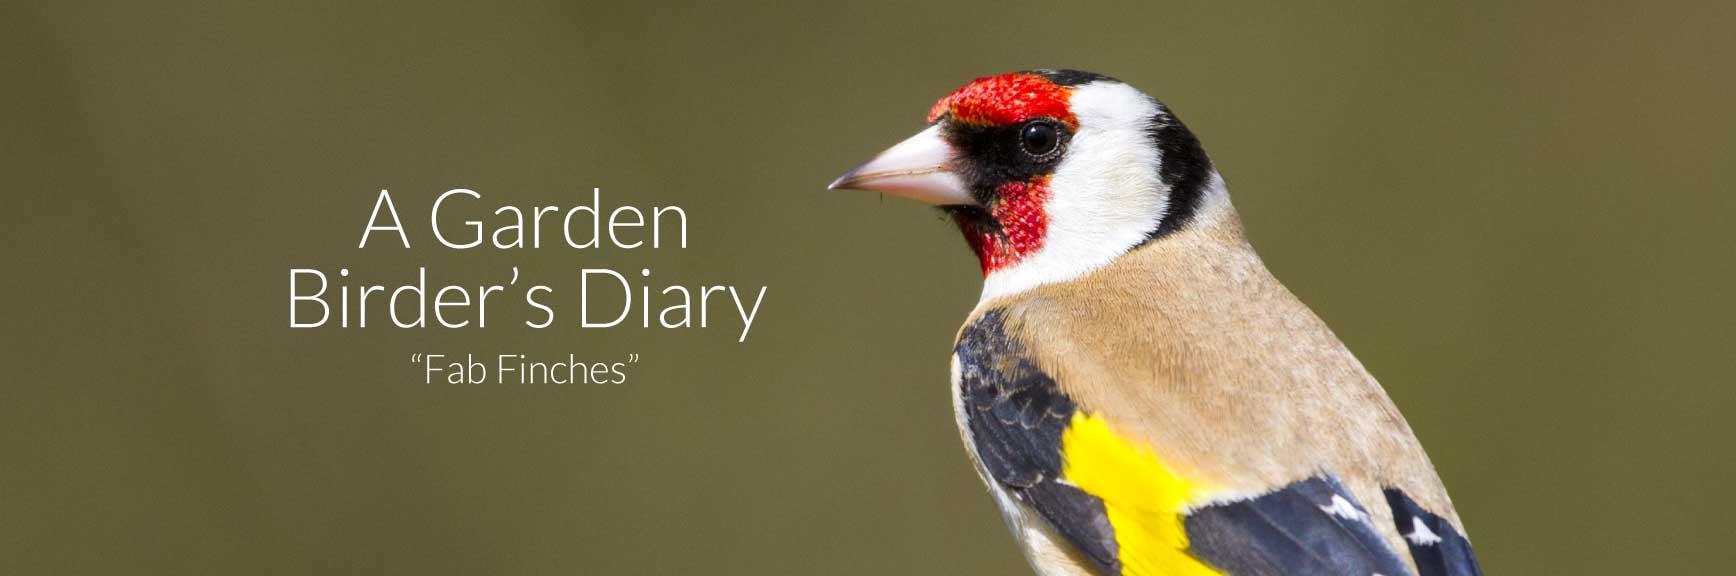 A Garden Birder's Diary: Fab Finches